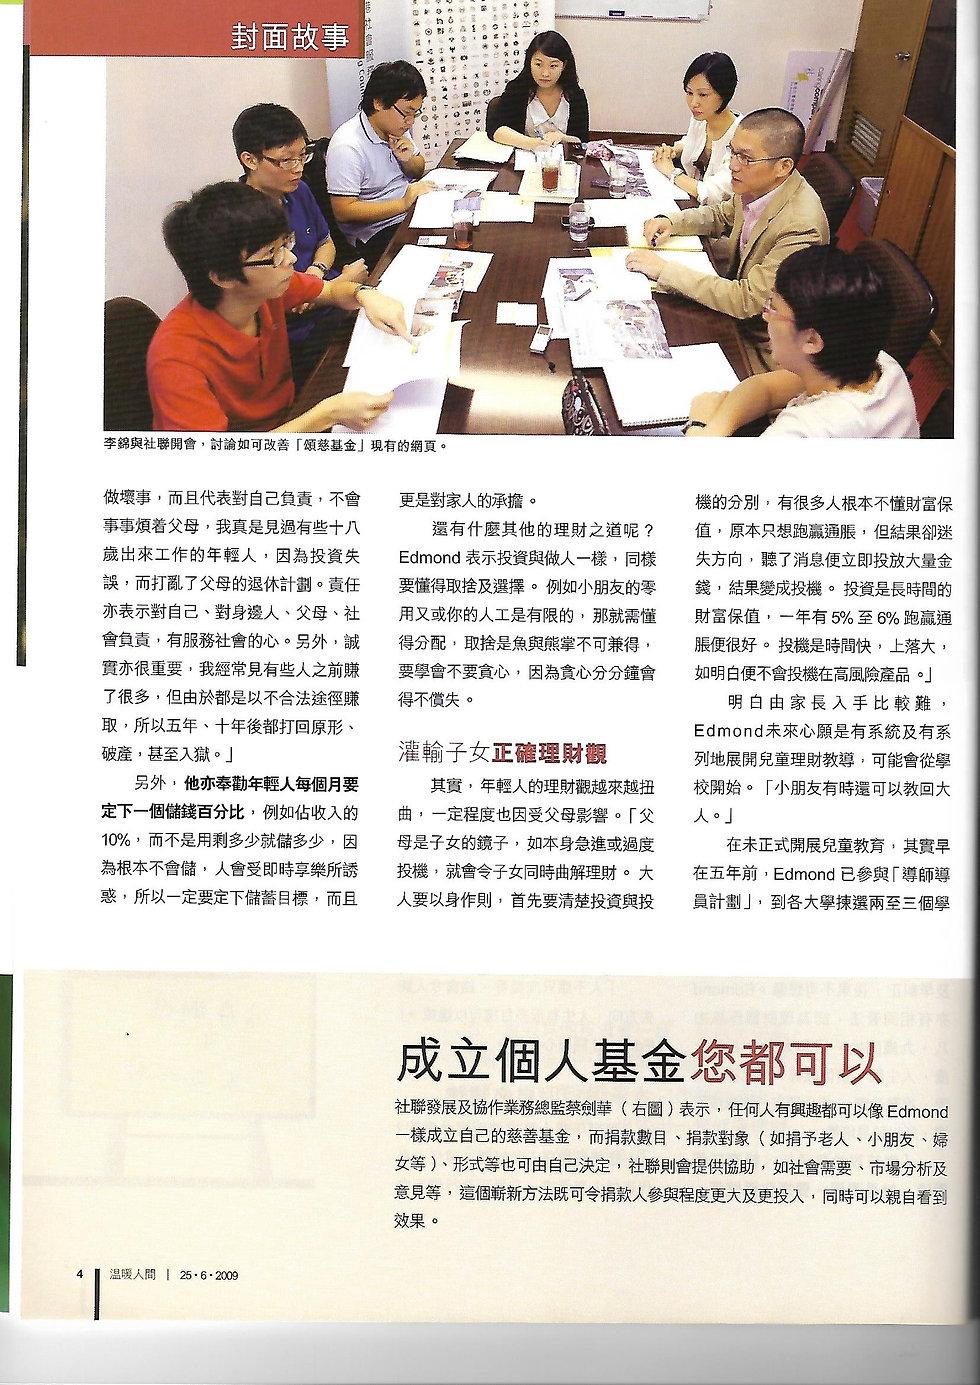 20090625_溫暖人間_Page_4.jpg